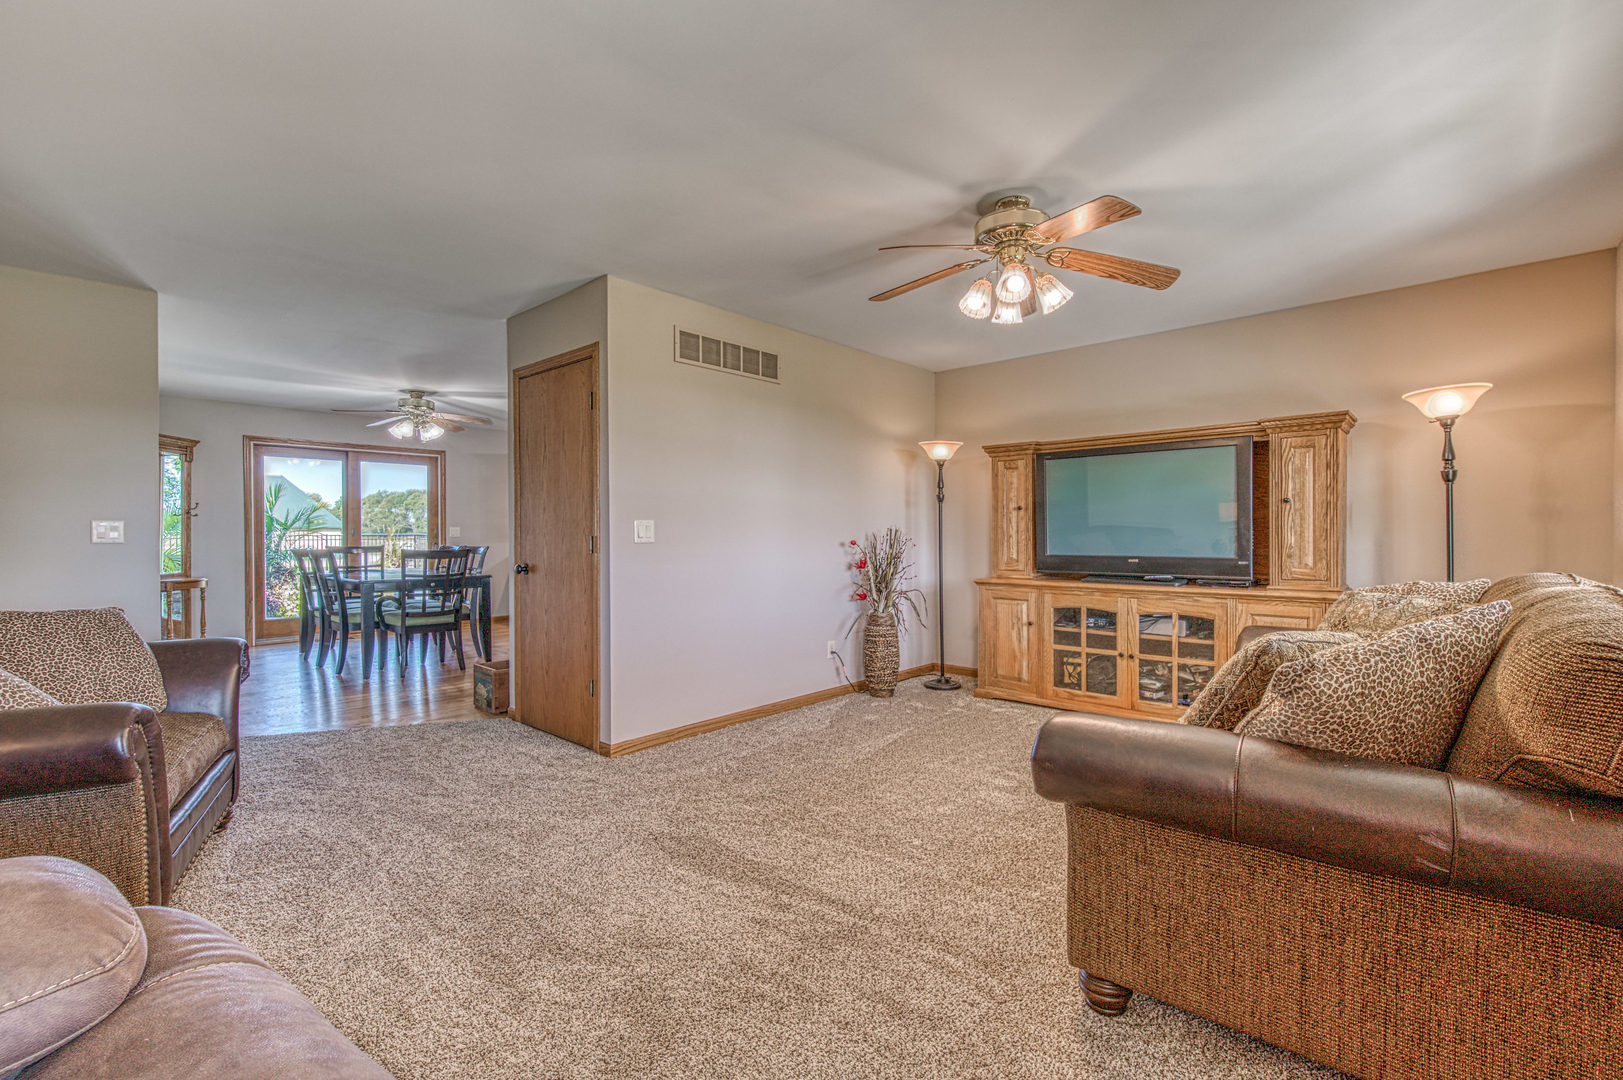 2555 South Berta, Braceville, Illinois, 60407